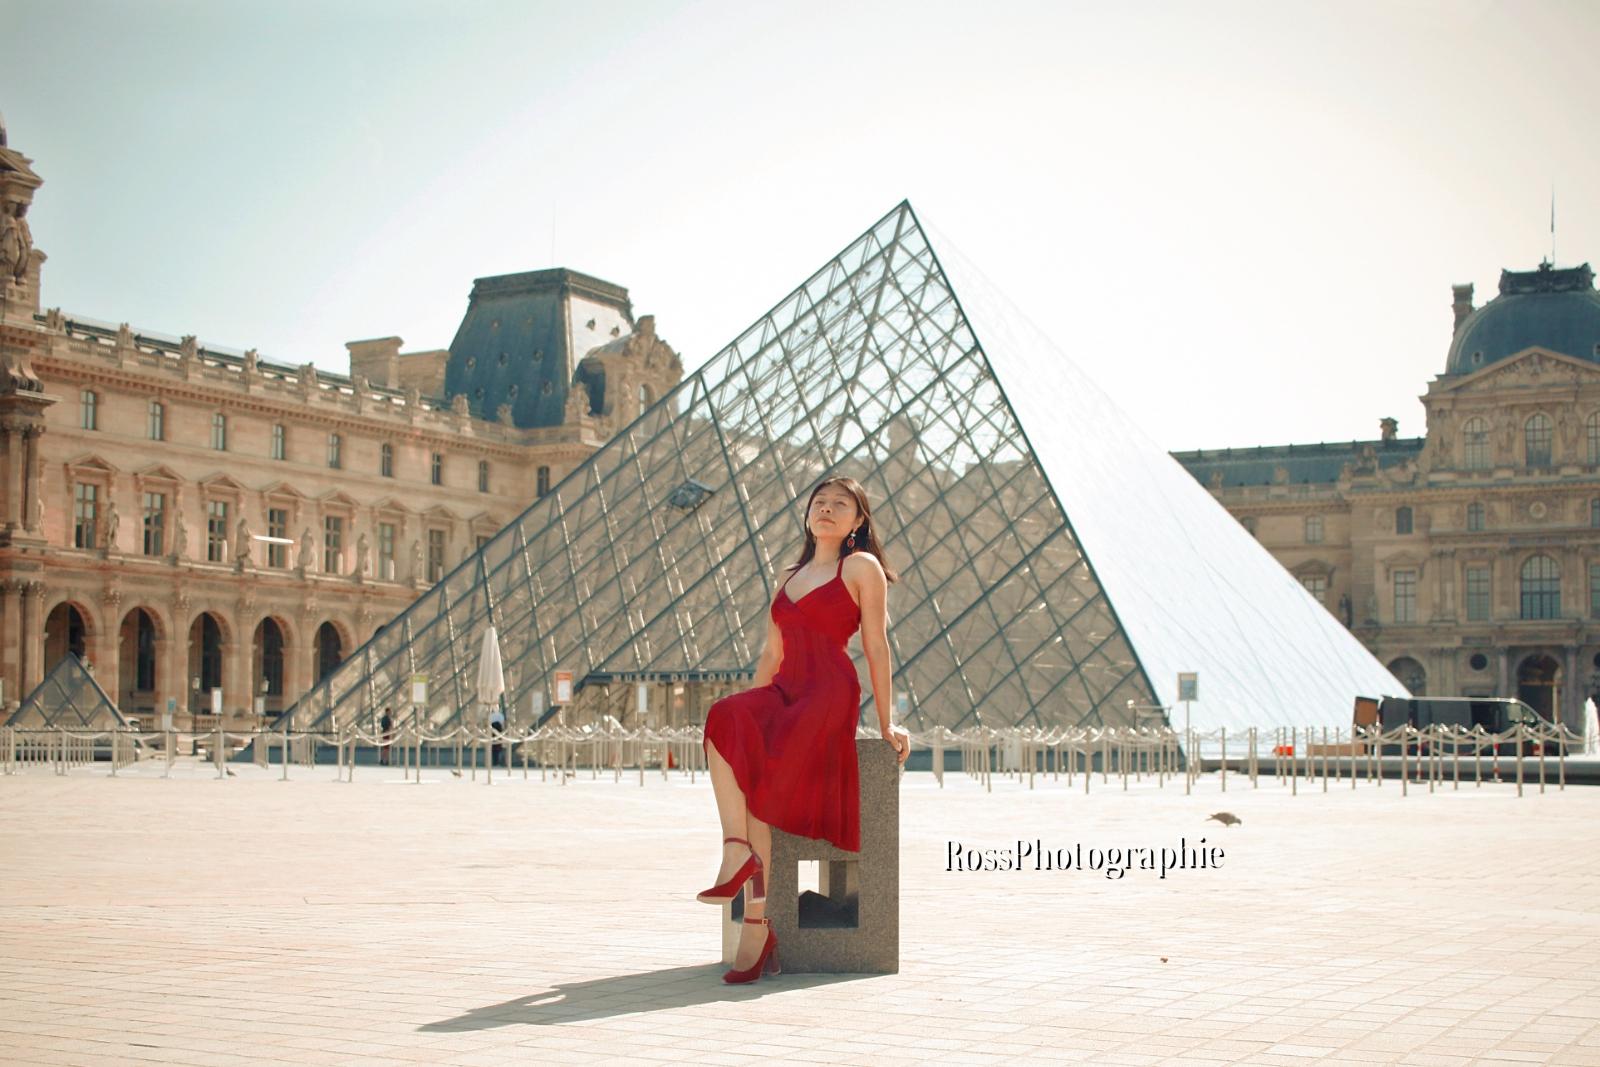 Chica frente a la piramide del mueo de Louvre